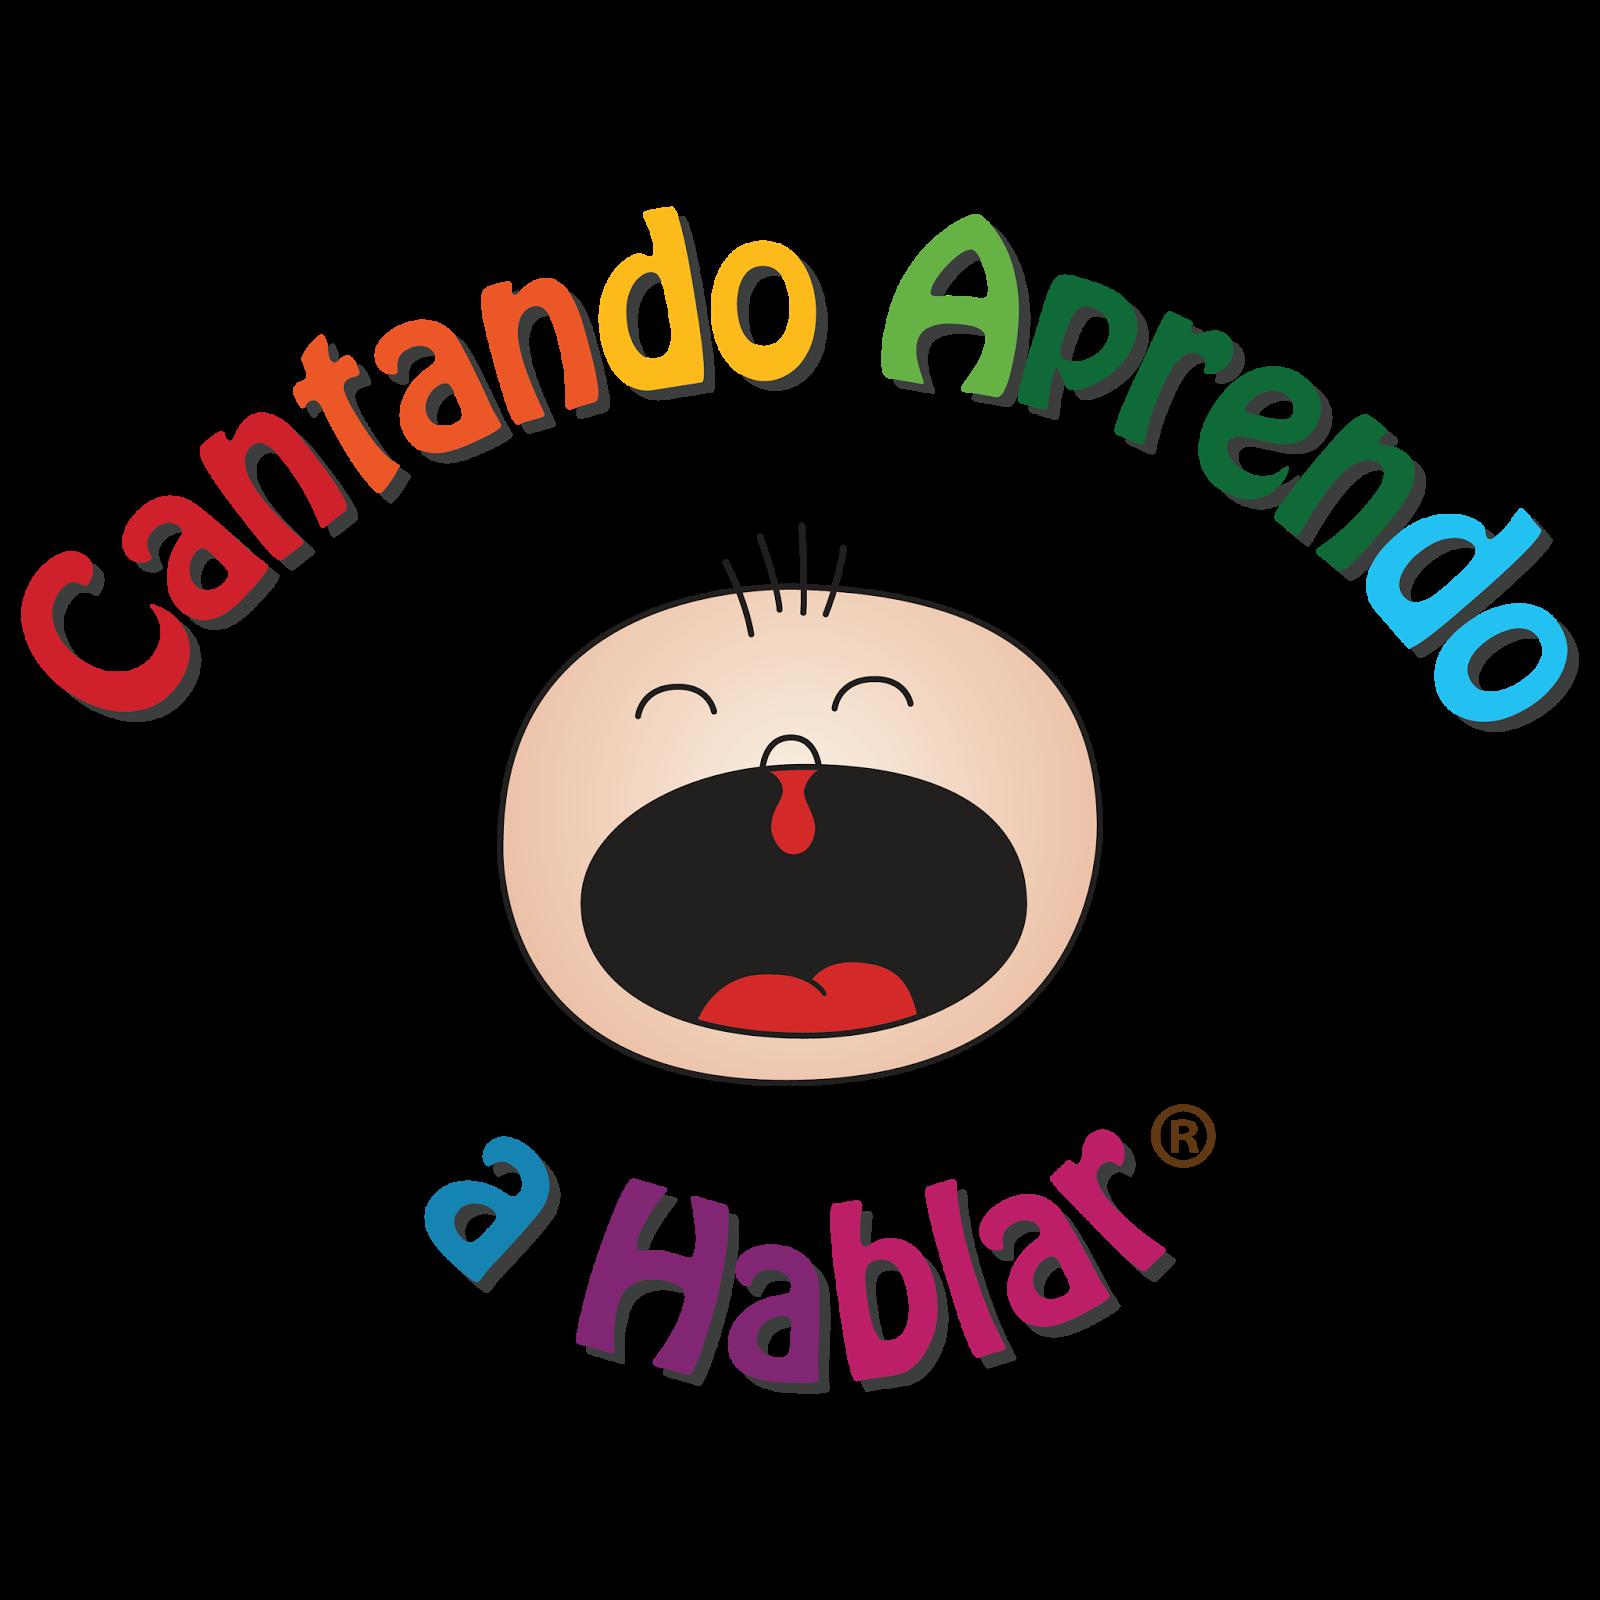 Jardin infantil 2015 for Cronograma jardin infantil 2015